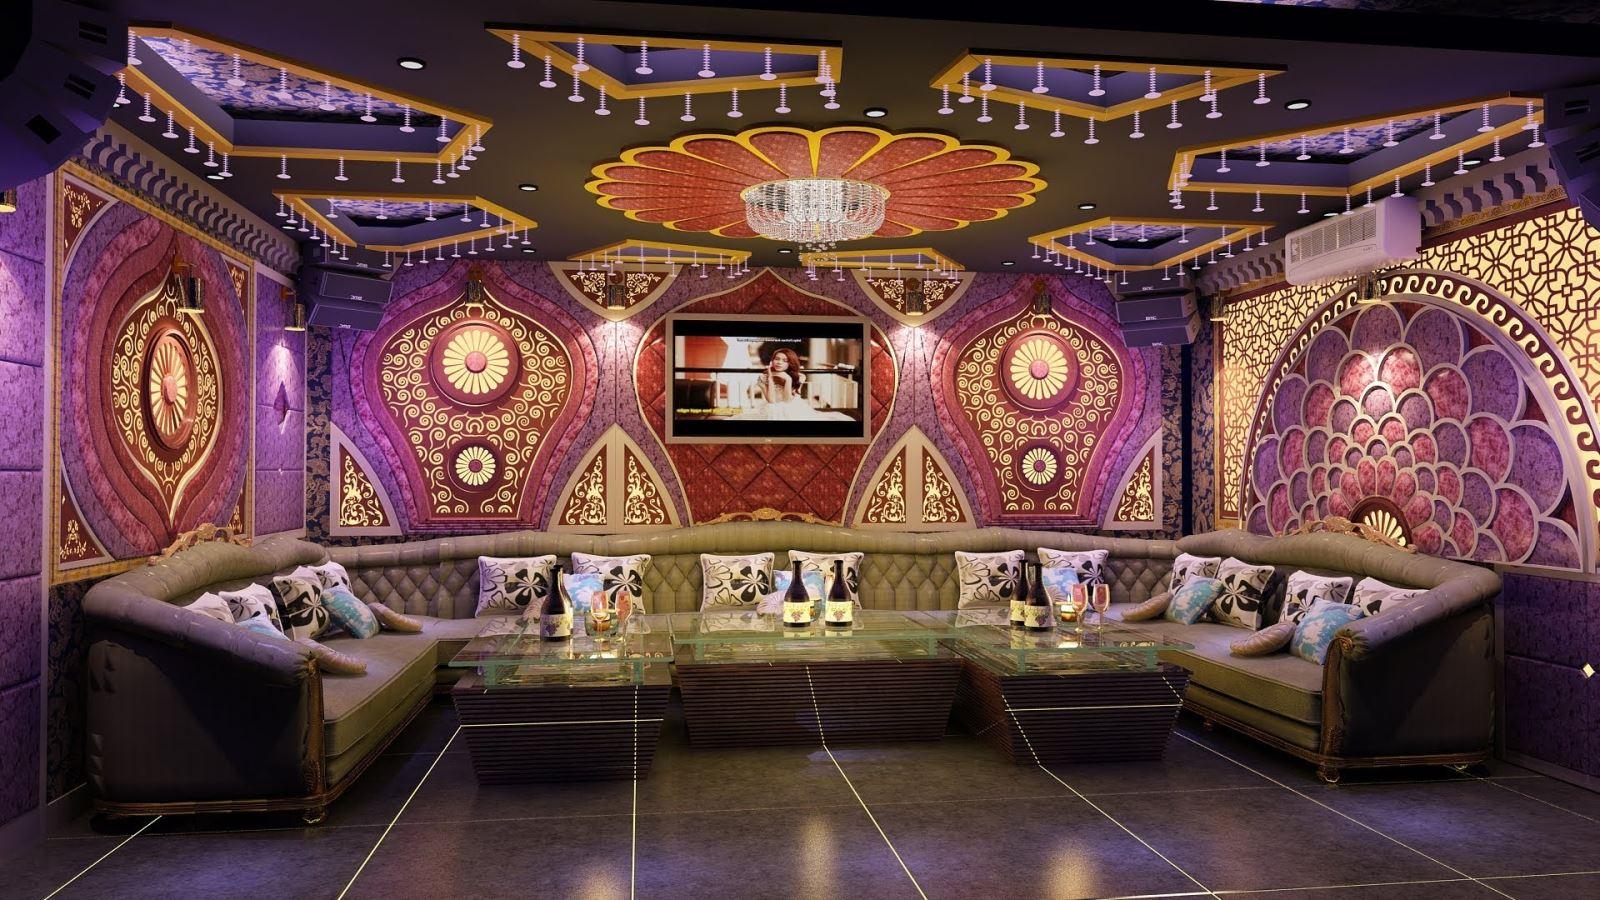 52 Mẫu thiết kế phòng karaoke đẹp nhất 2019 - Mẫu 39